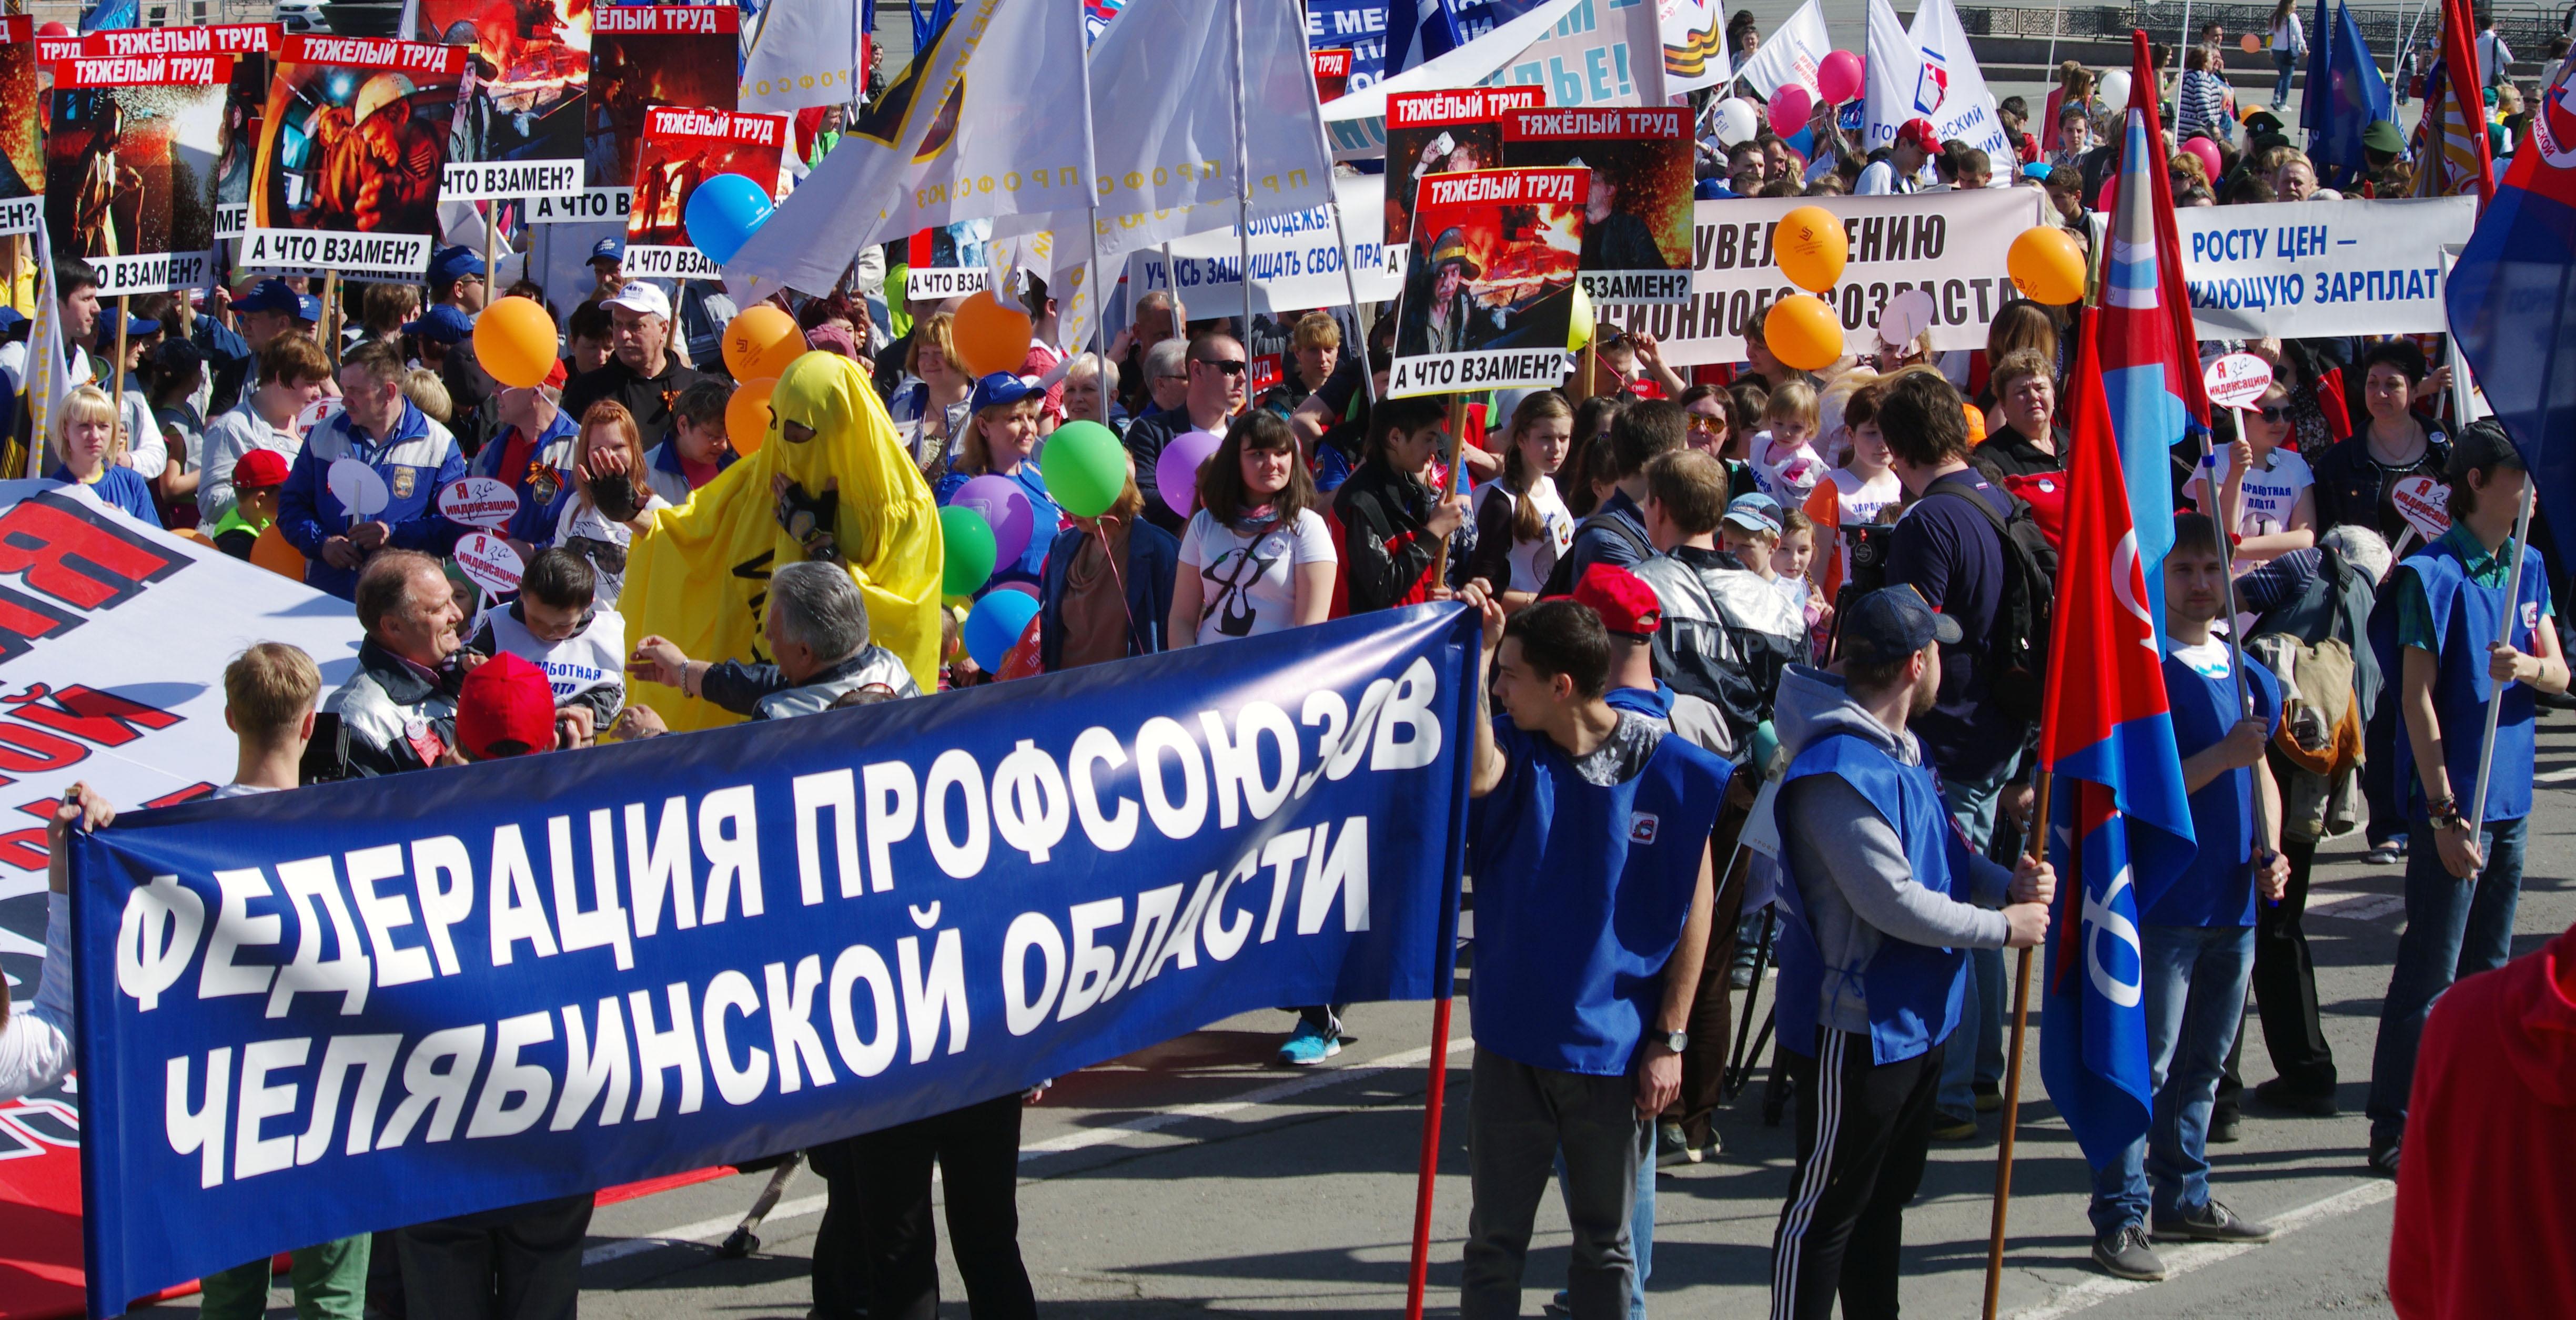 Торжественная церемония подписания состоялась 19 декабря в резиденции областного правительства на